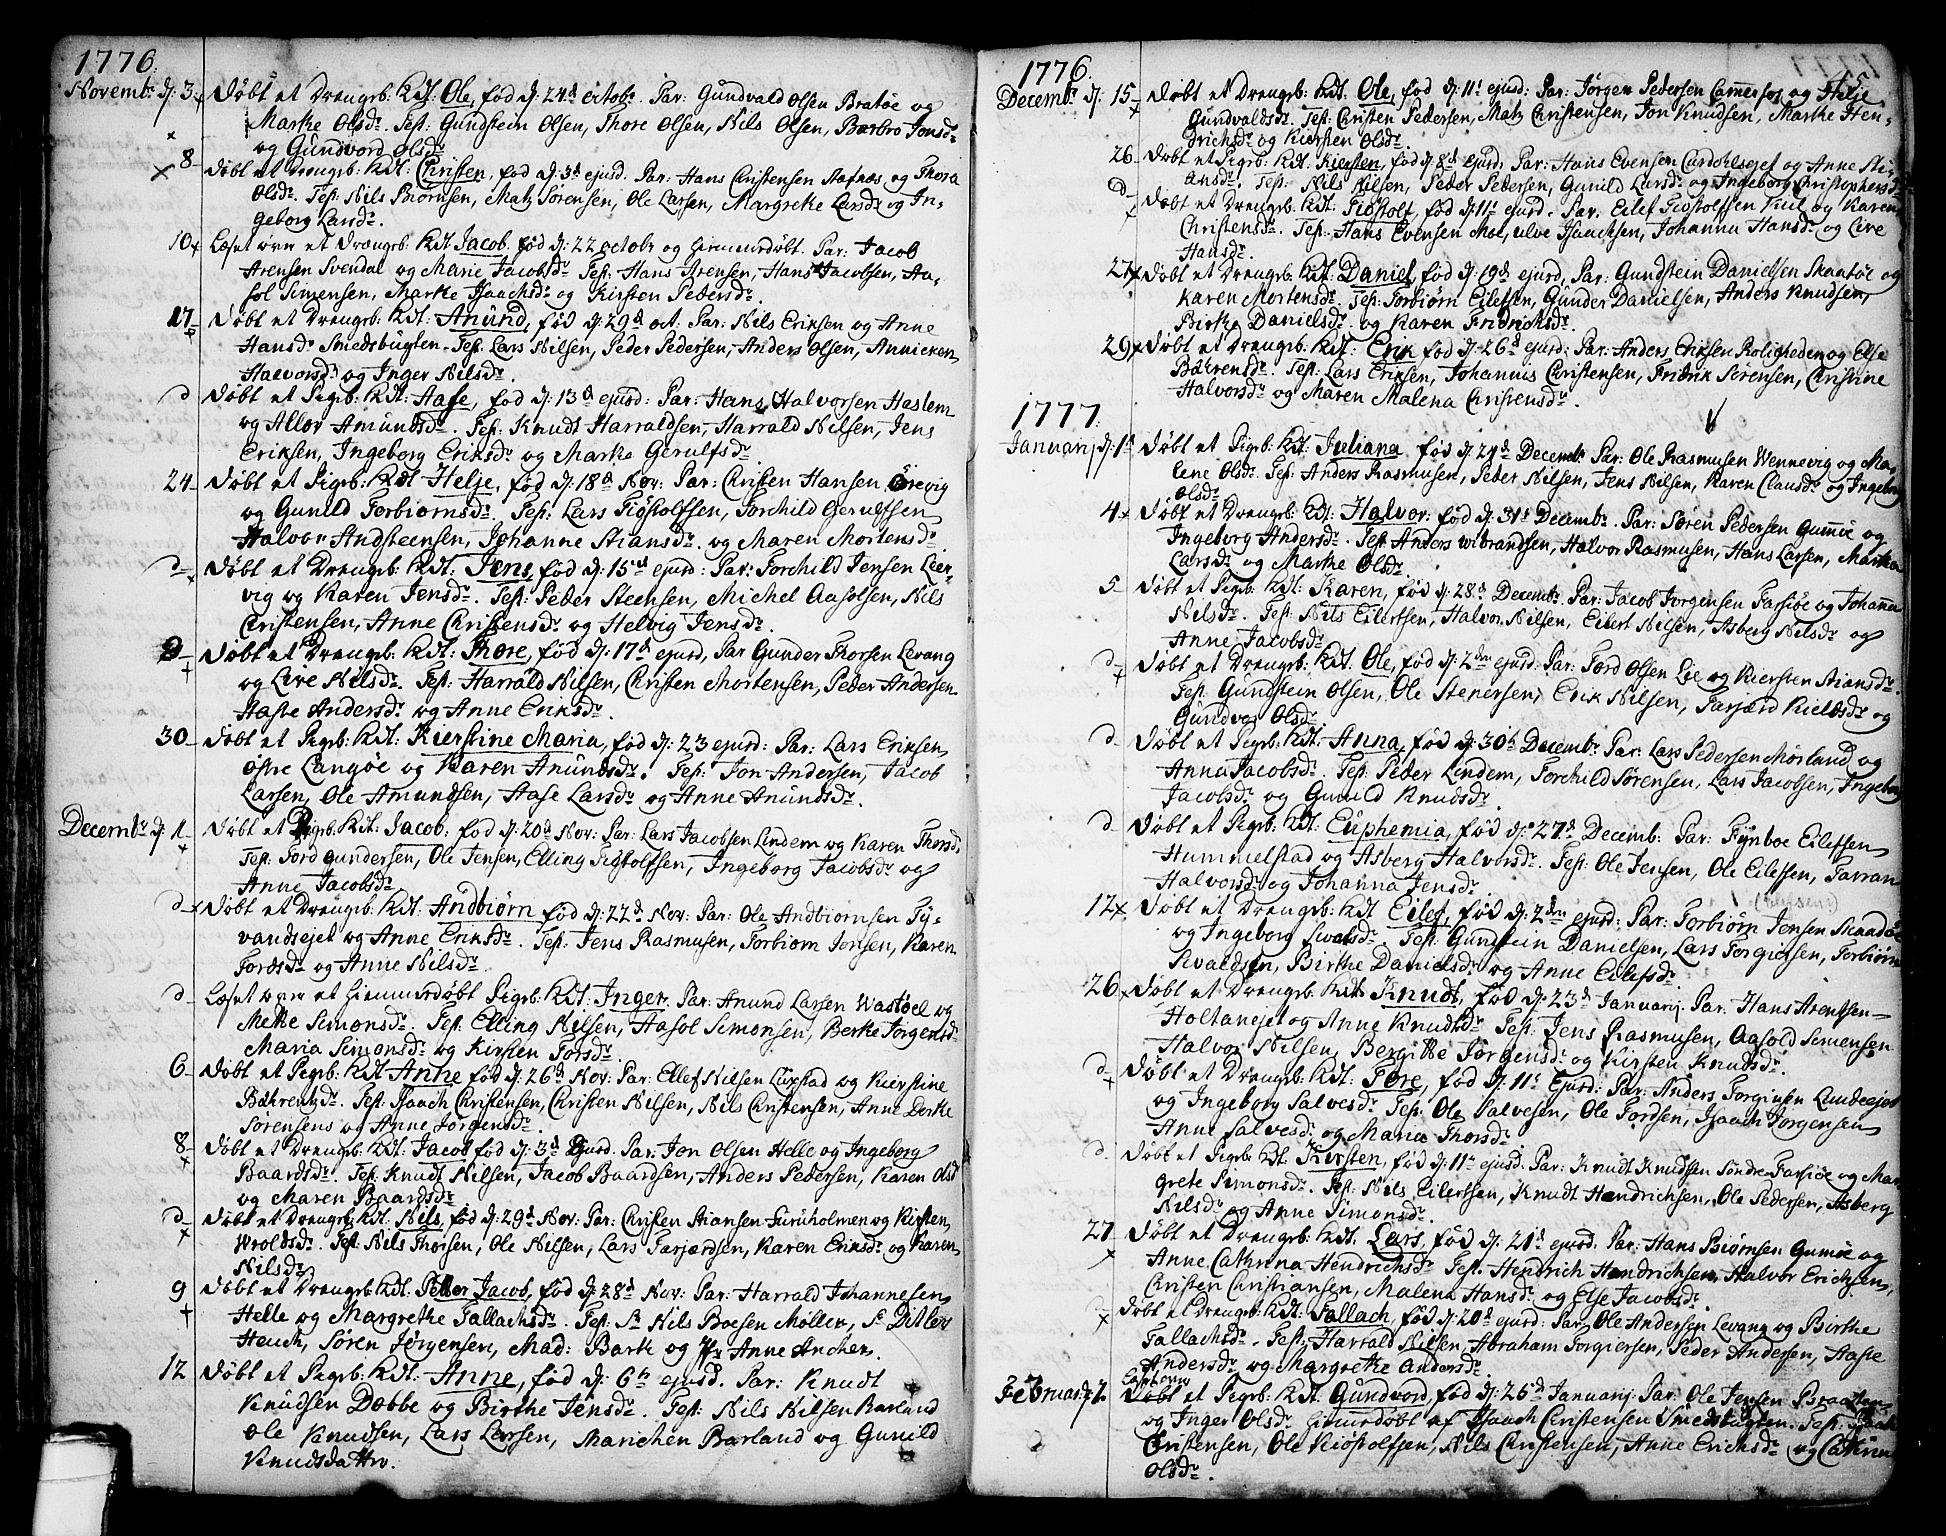 SAKO, Sannidal kirkebøker, F/Fa/L0002: Ministerialbok nr. 2, 1767-1802, s. 45